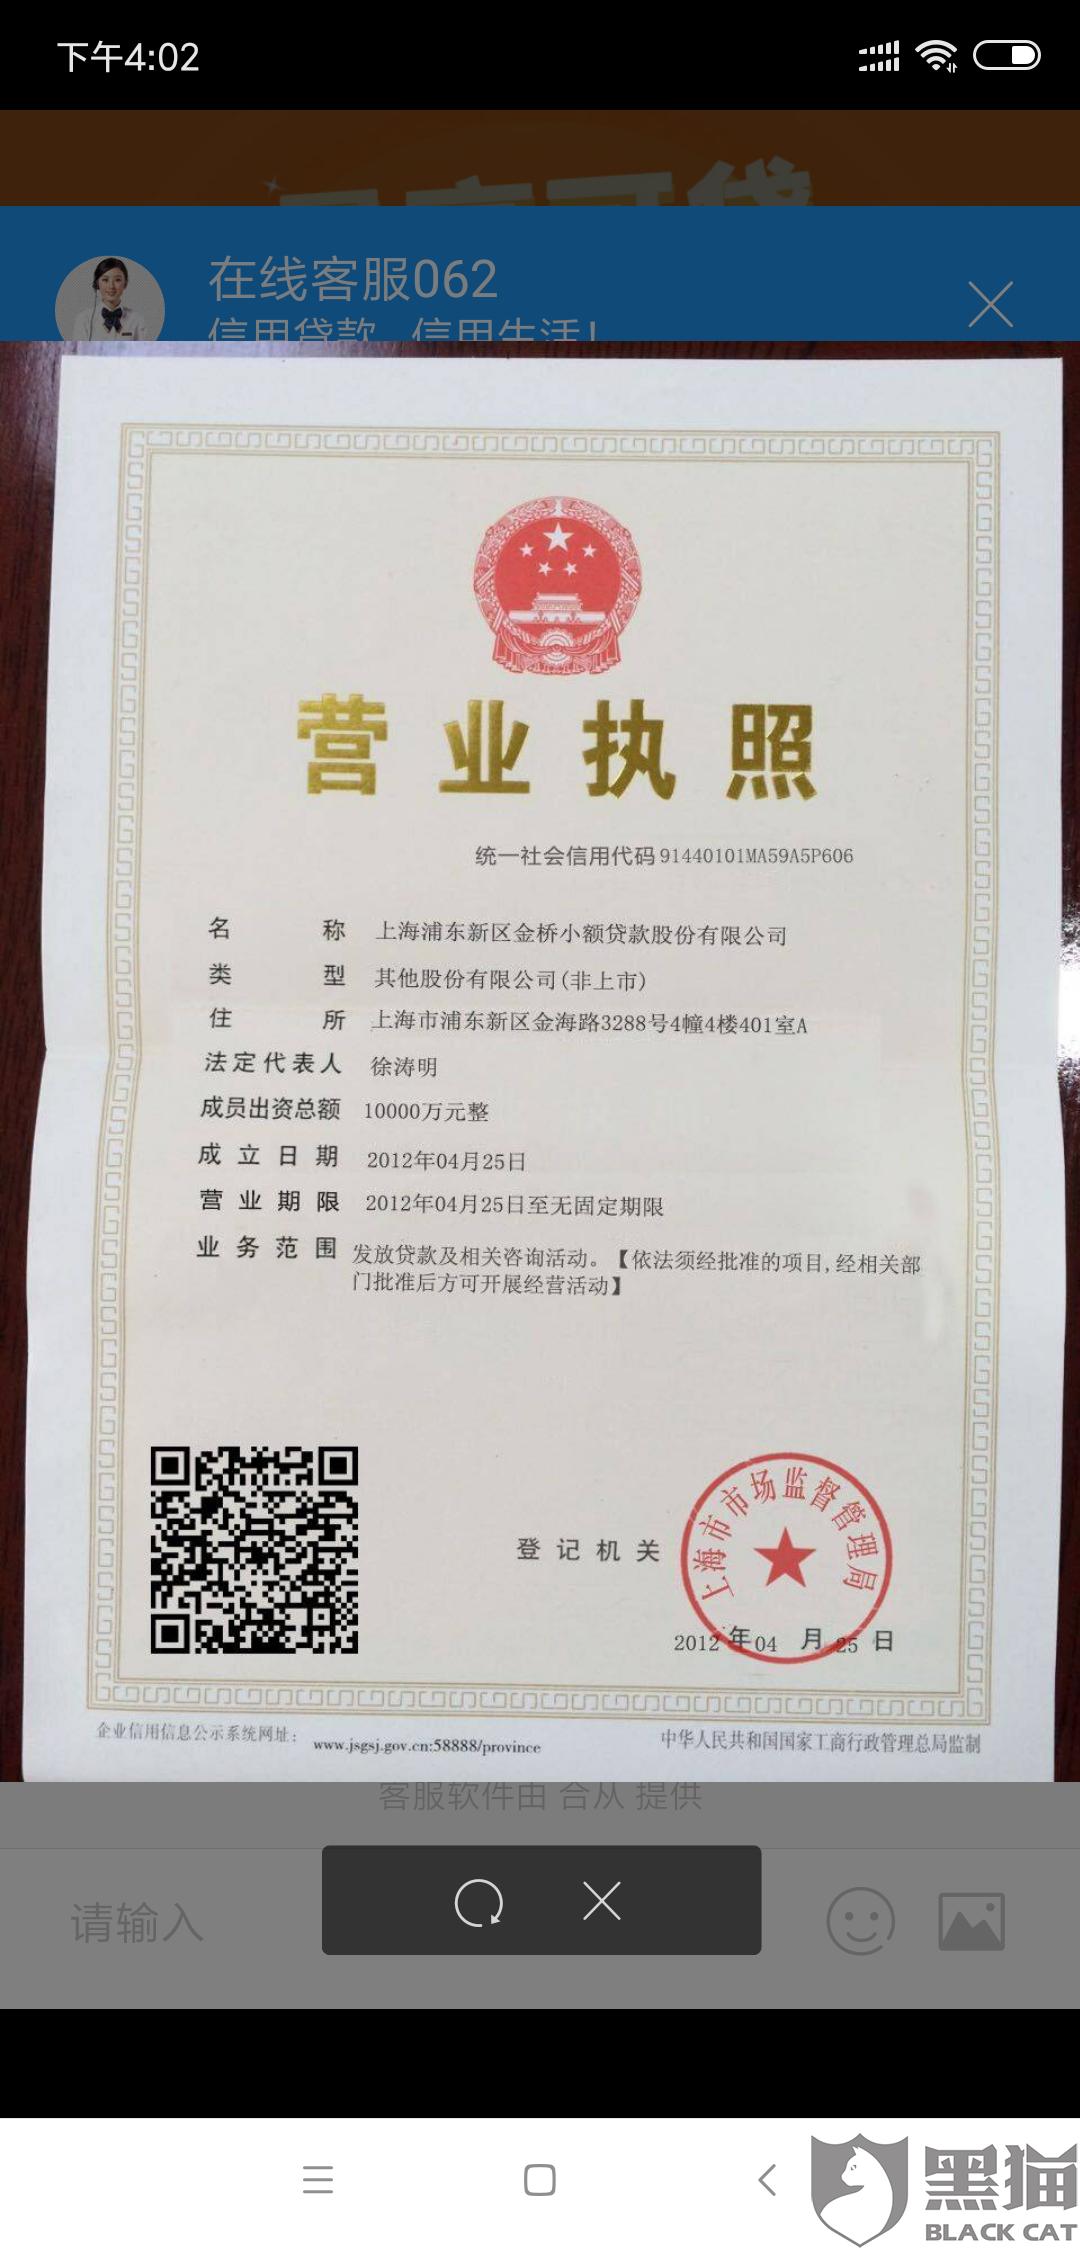 黑猫投诉:上海浦东新区金桥小额贷款有限公司